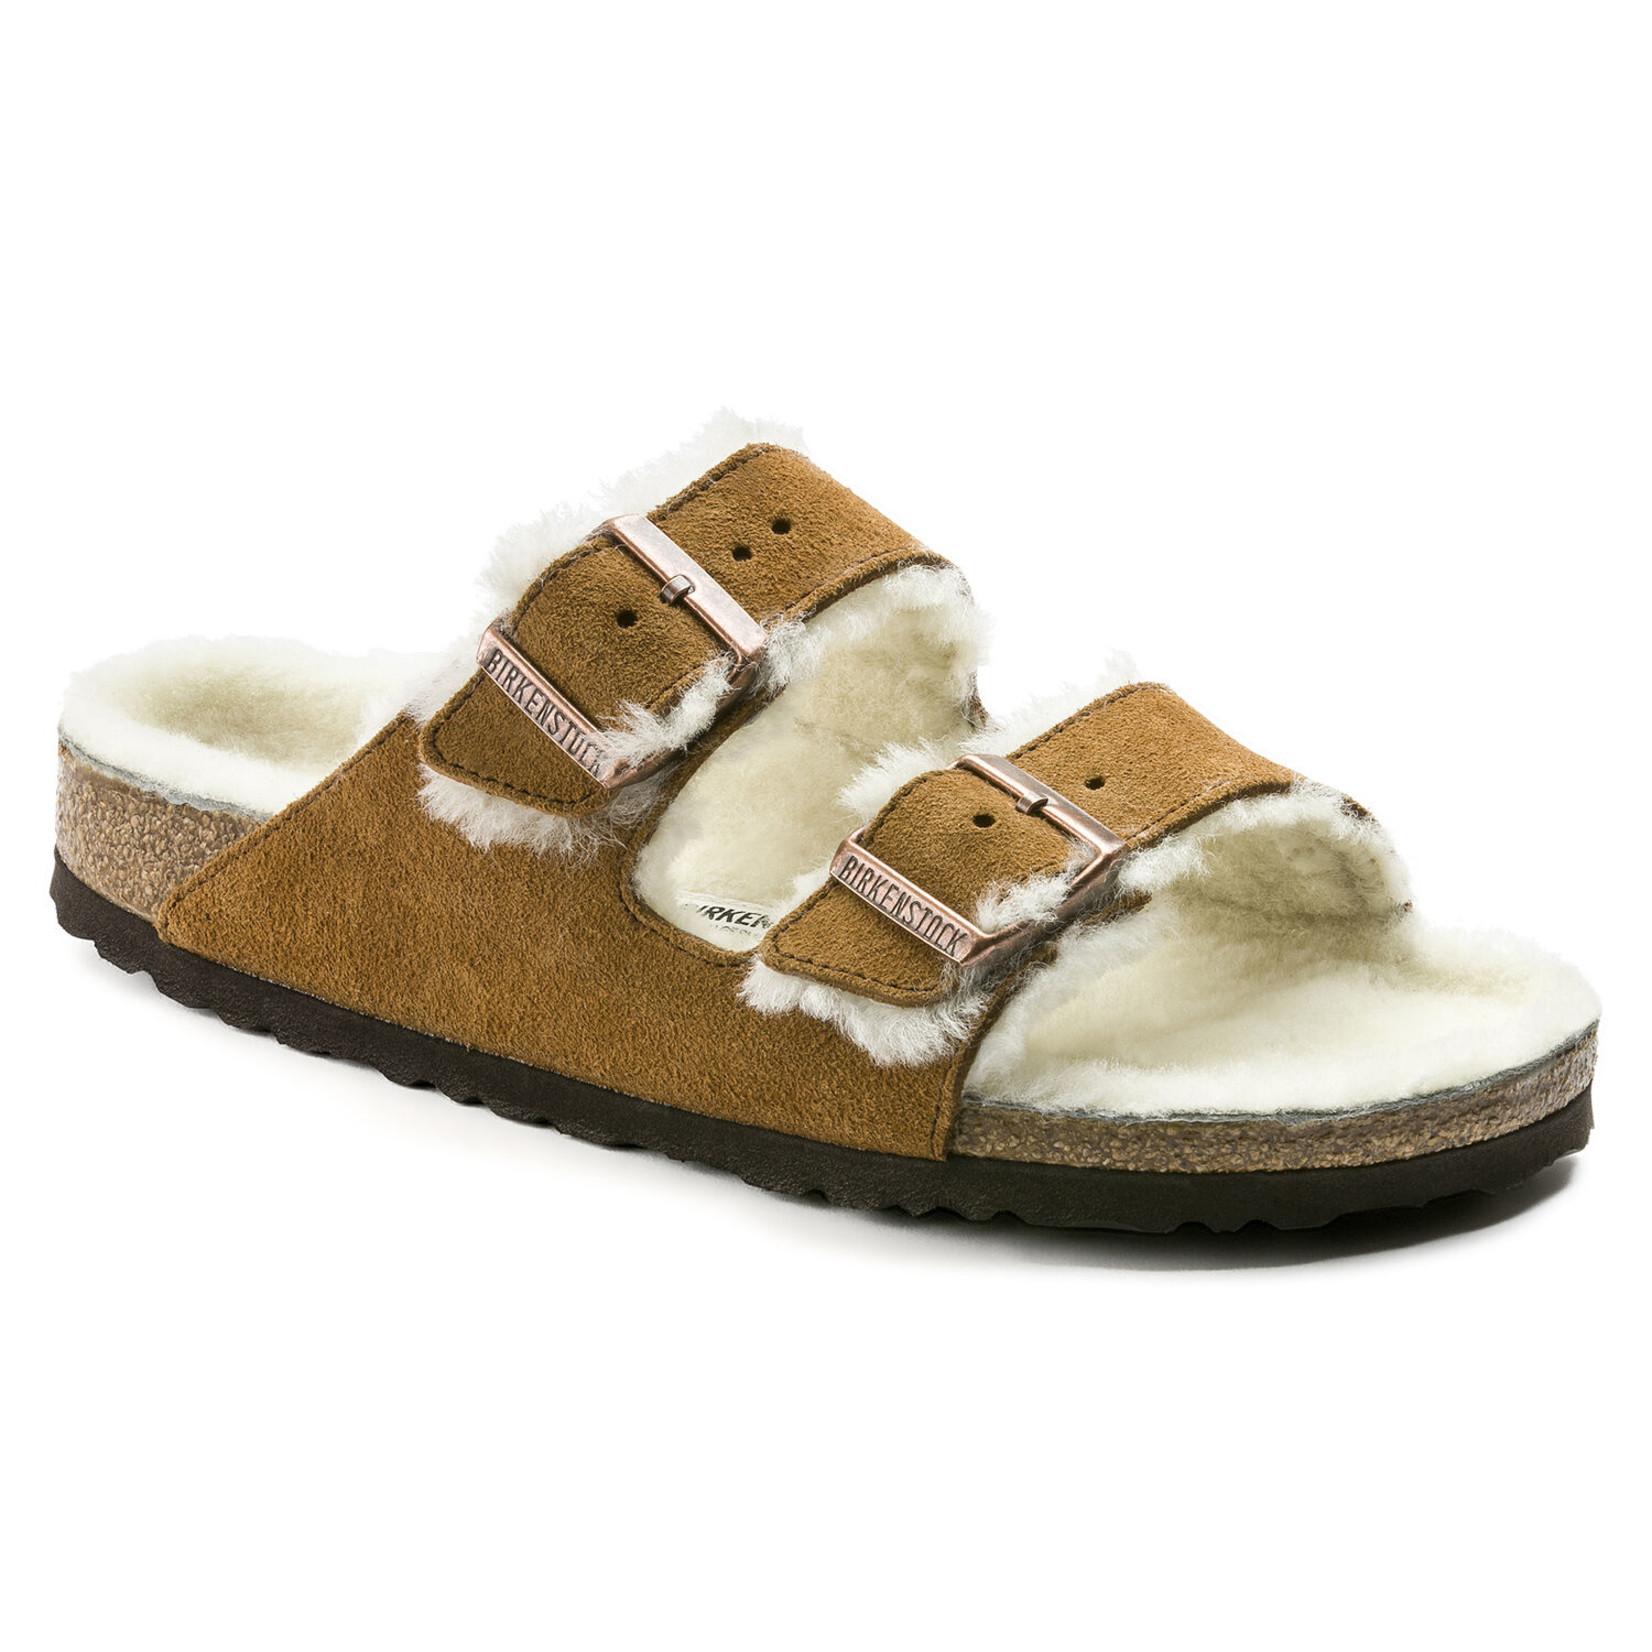 Birkenstock Birkenstock Arizona Fur Sandals